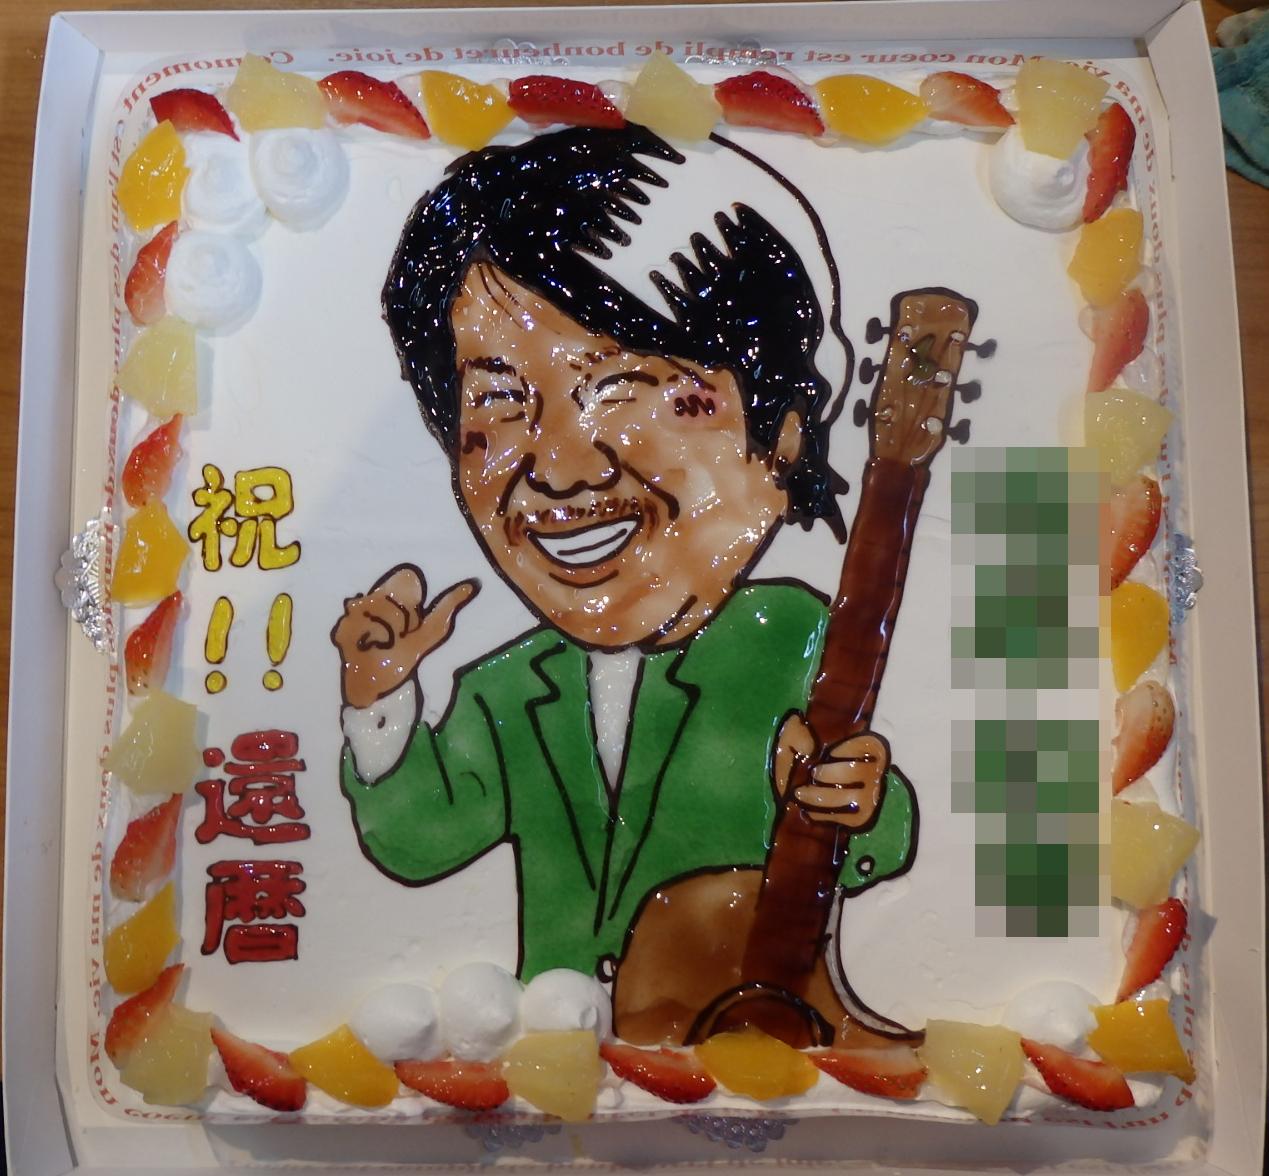 似顔絵ケーキ 30×30cmの画像3枚目